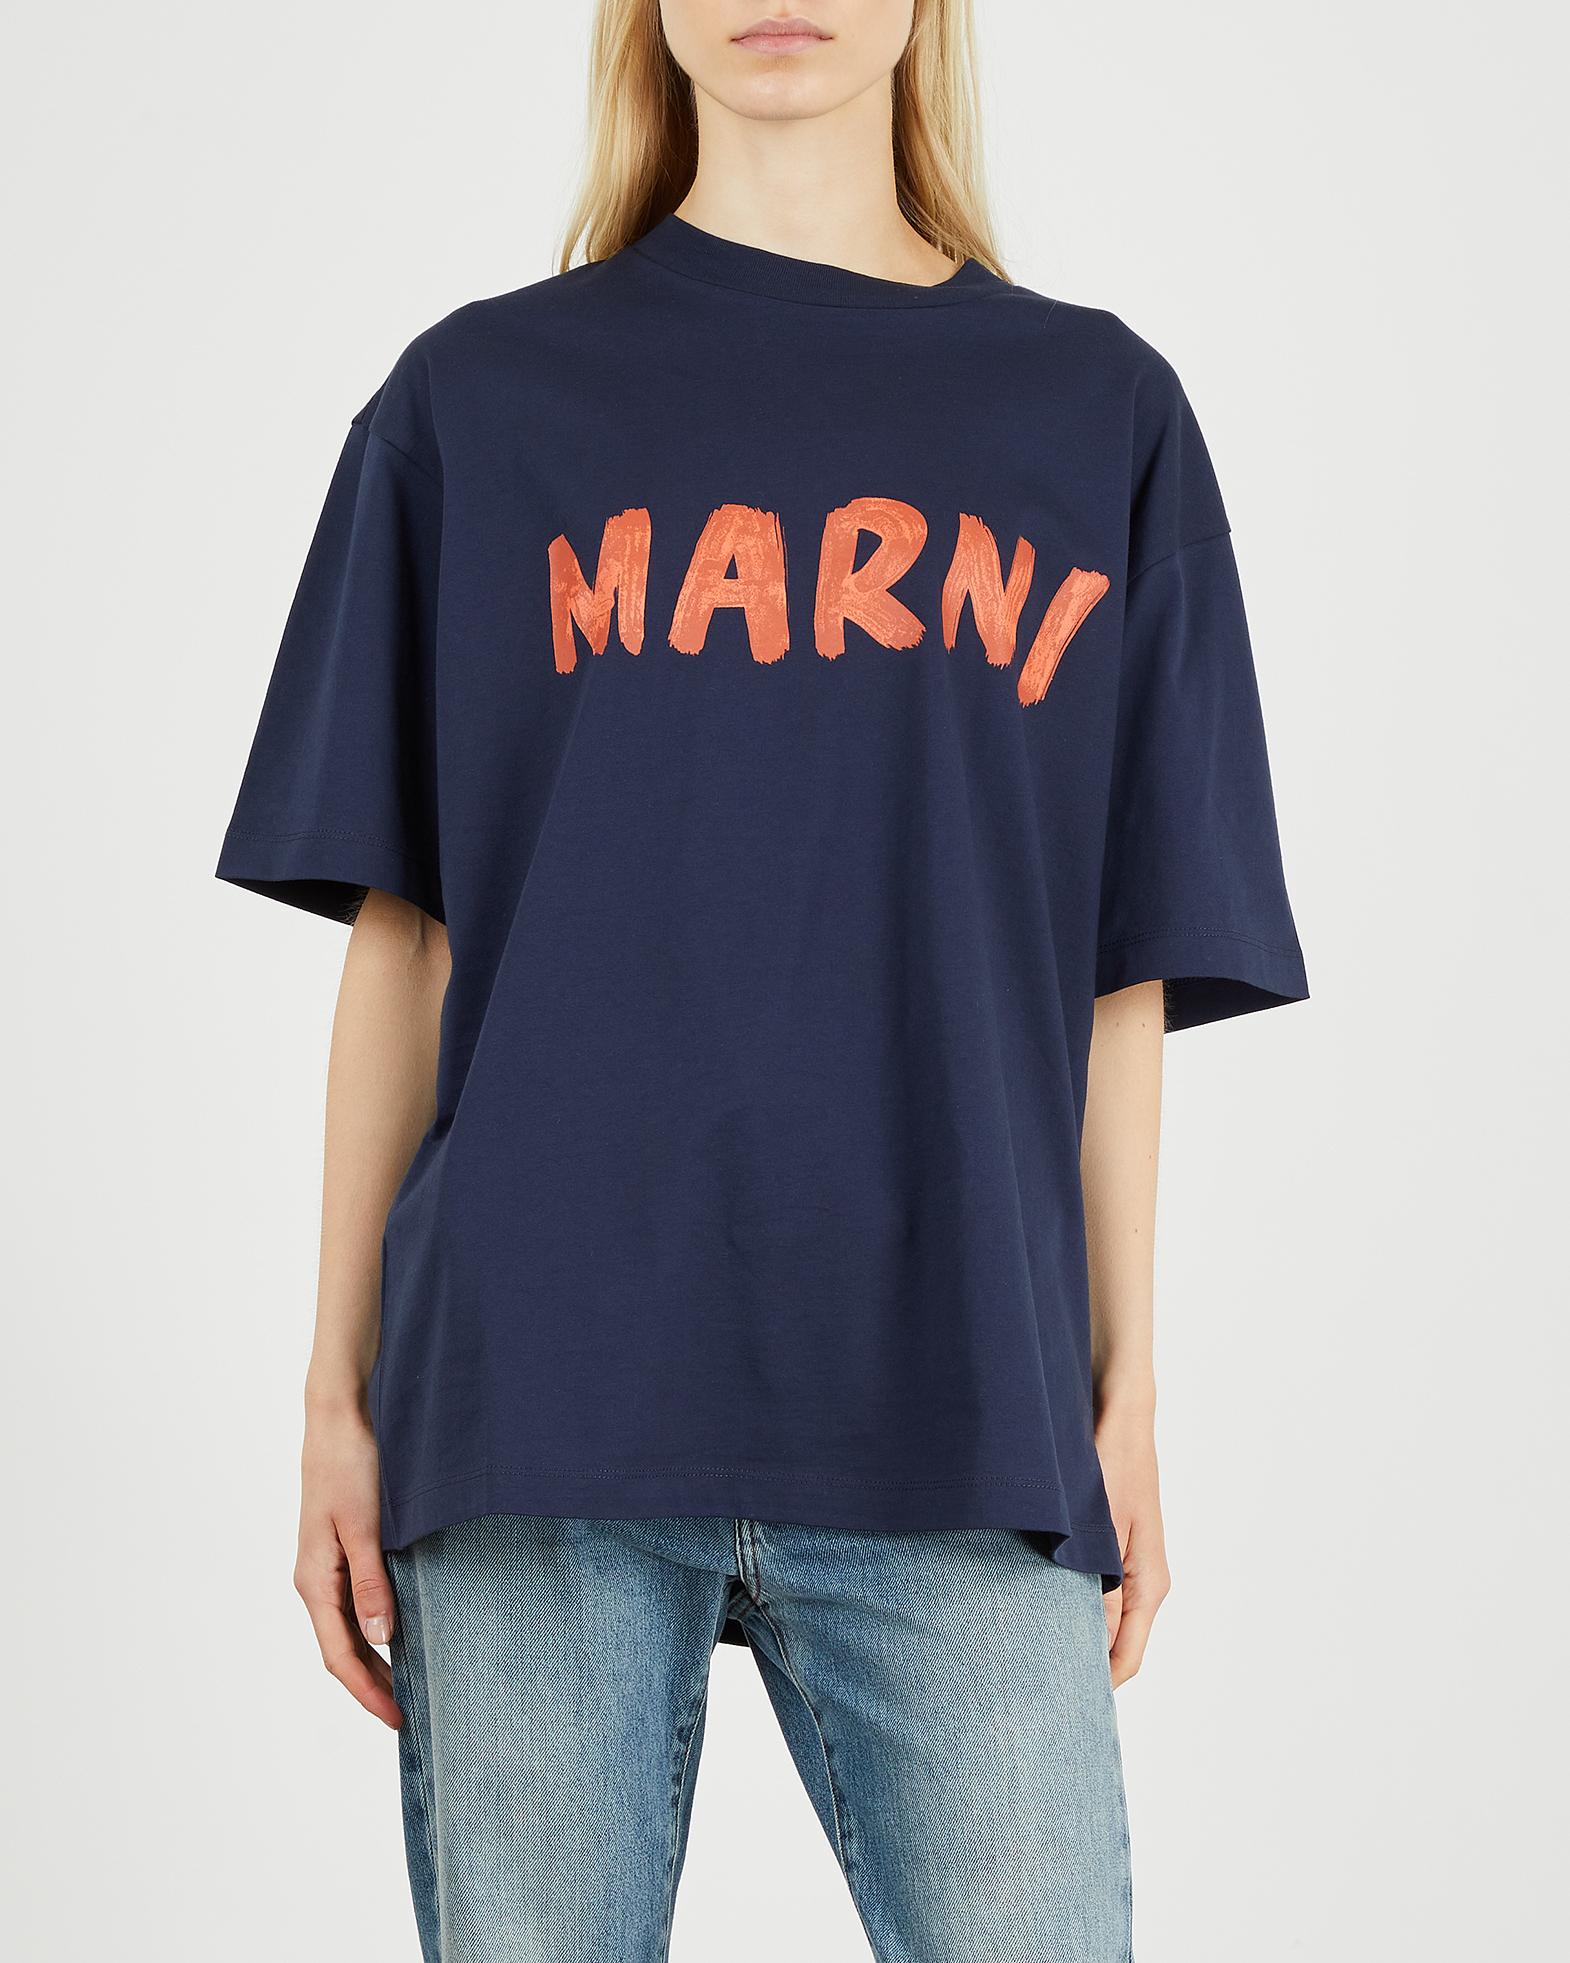 Marni Topp blå IT 38 (EUR 34)